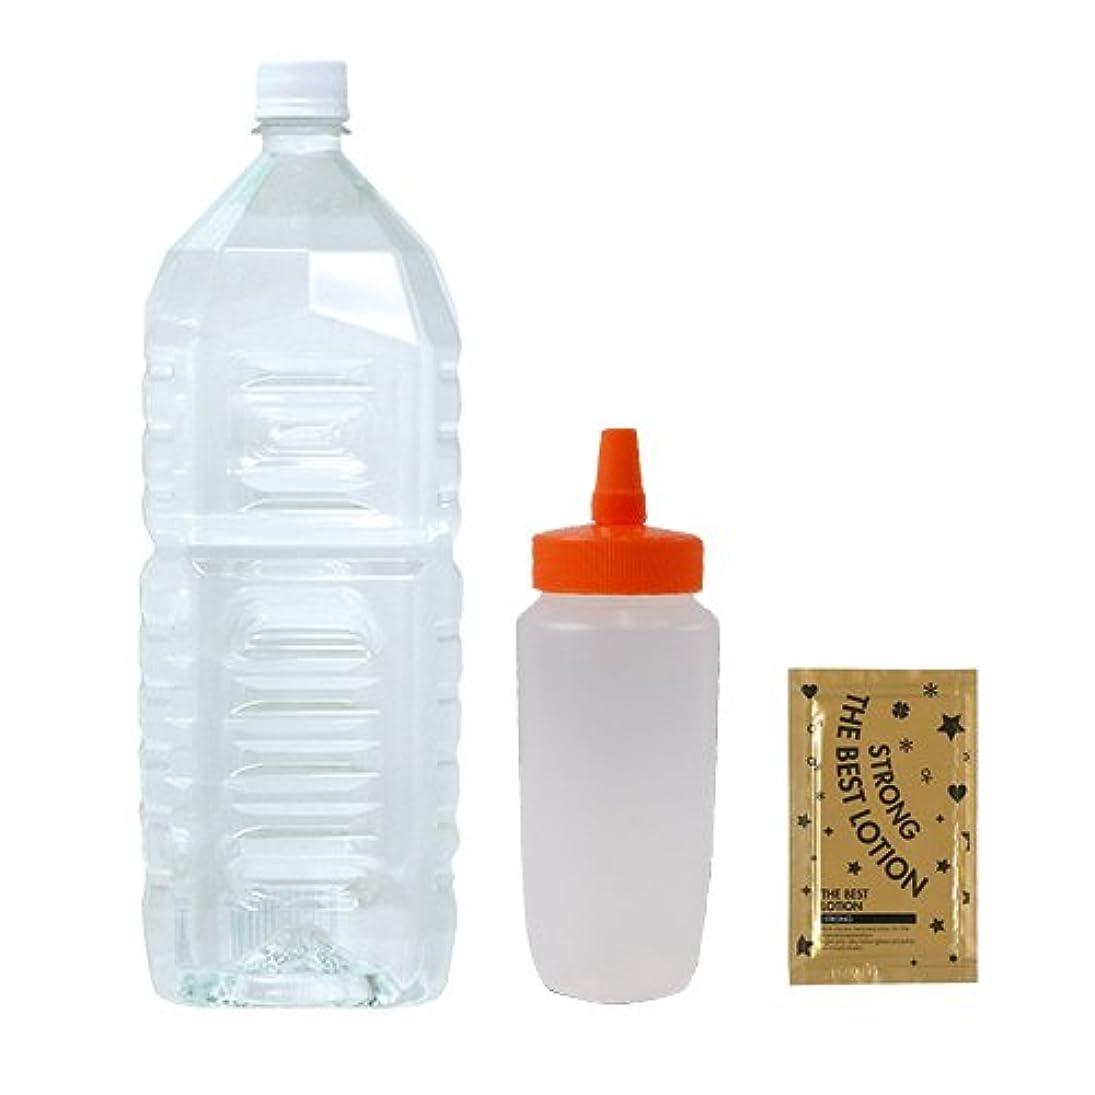 相対サイズ接ぎ木レンズクリアローション 2Lペットボトル ハードタイプ(5倍濃縮原液)+ はちみつ容器360ml(オレンジキャップ)+ ベストローションストロング 1包付き セット